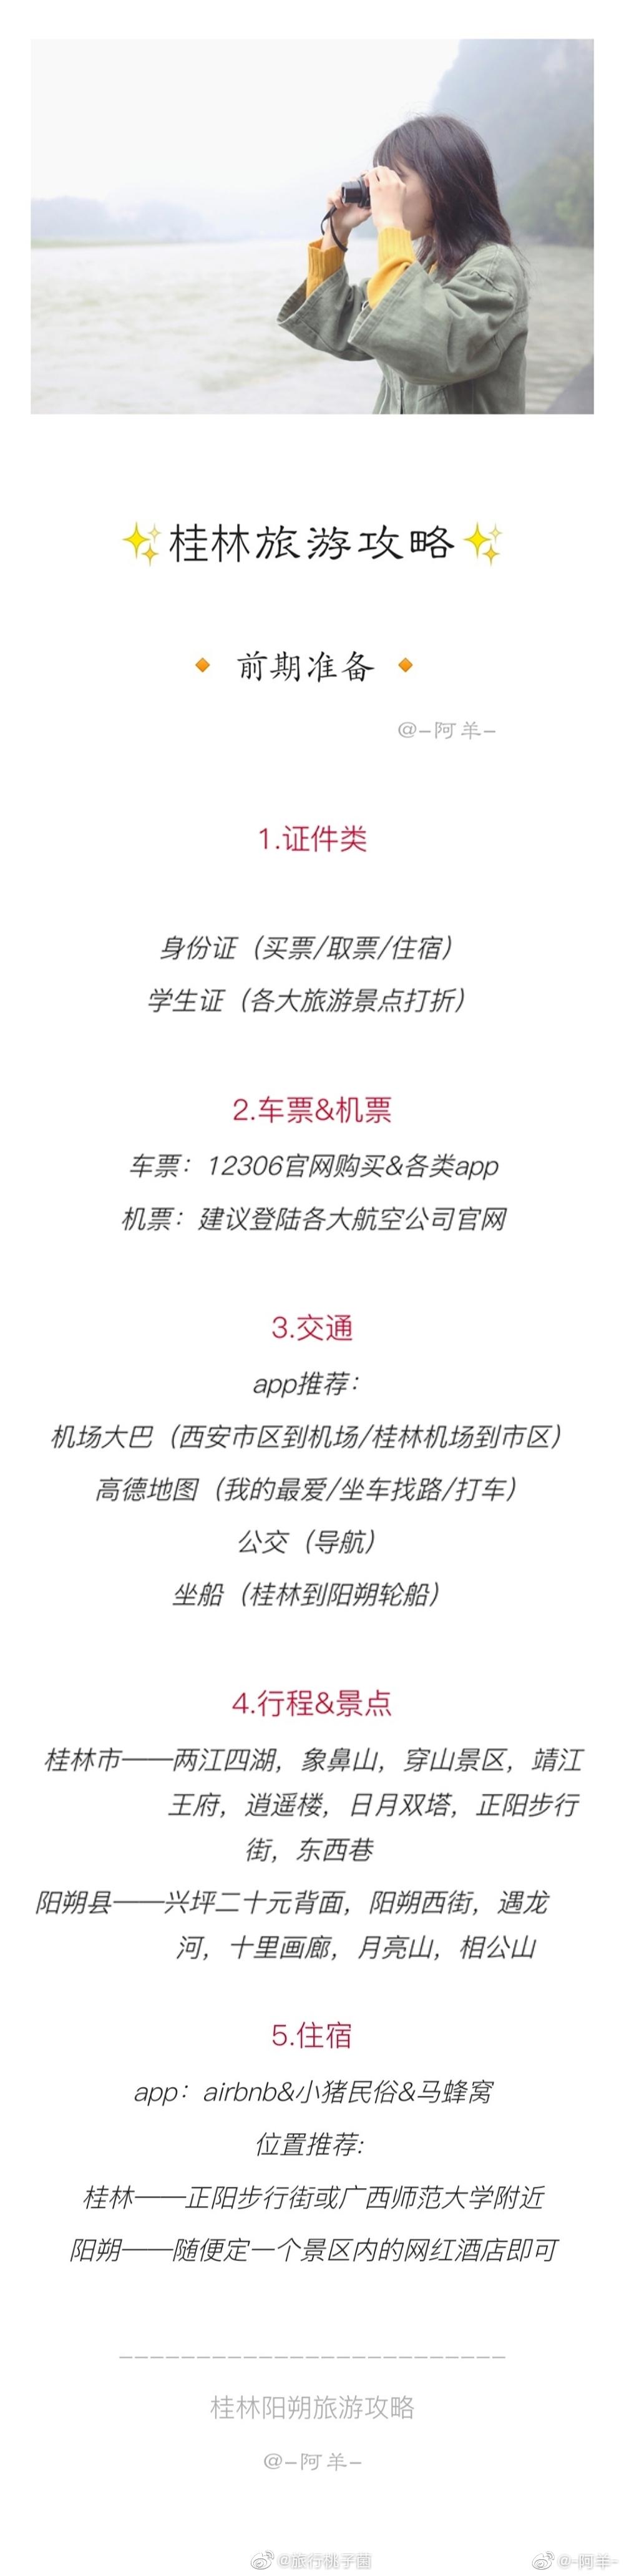 攻略| 桂林&阳朔旅游攻略p1-p2 前期准备p2-p8 五日行